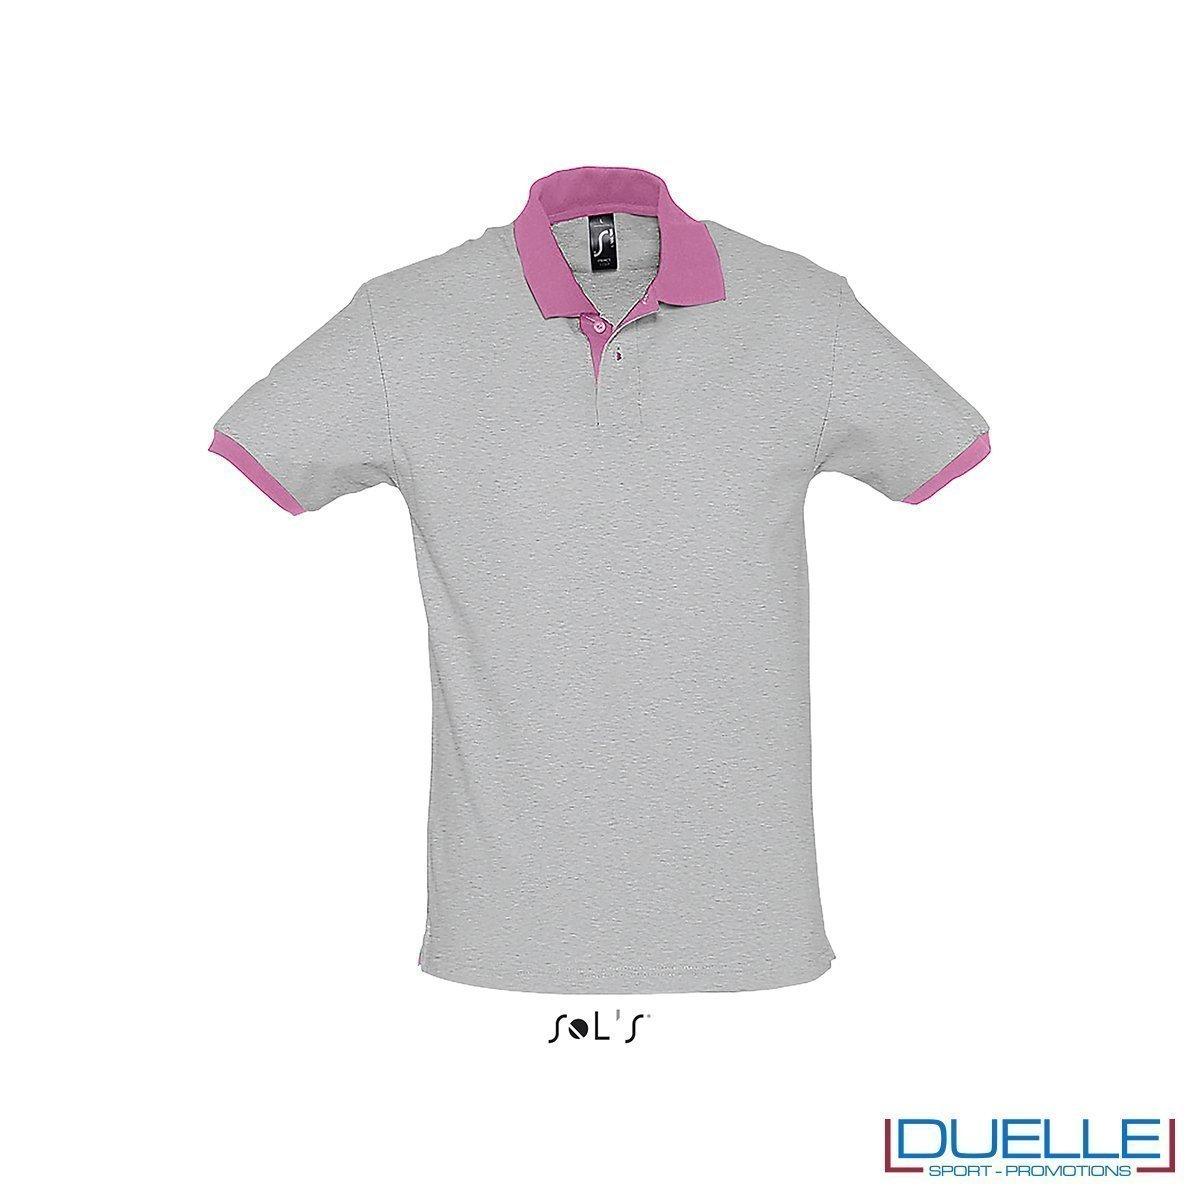 polo personalizzata color grigio con finiture a contrasto, abbigliamento promozionale personalizzato